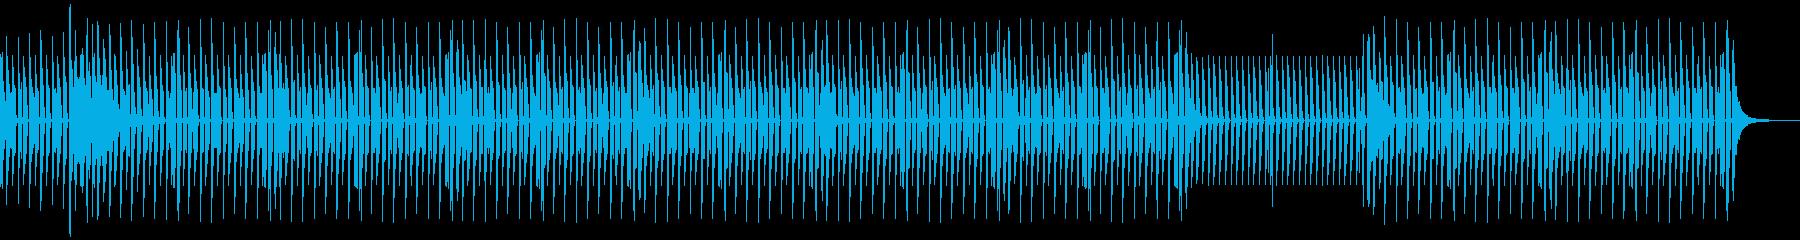 News5 ドラムのみバージョンの再生済みの波形